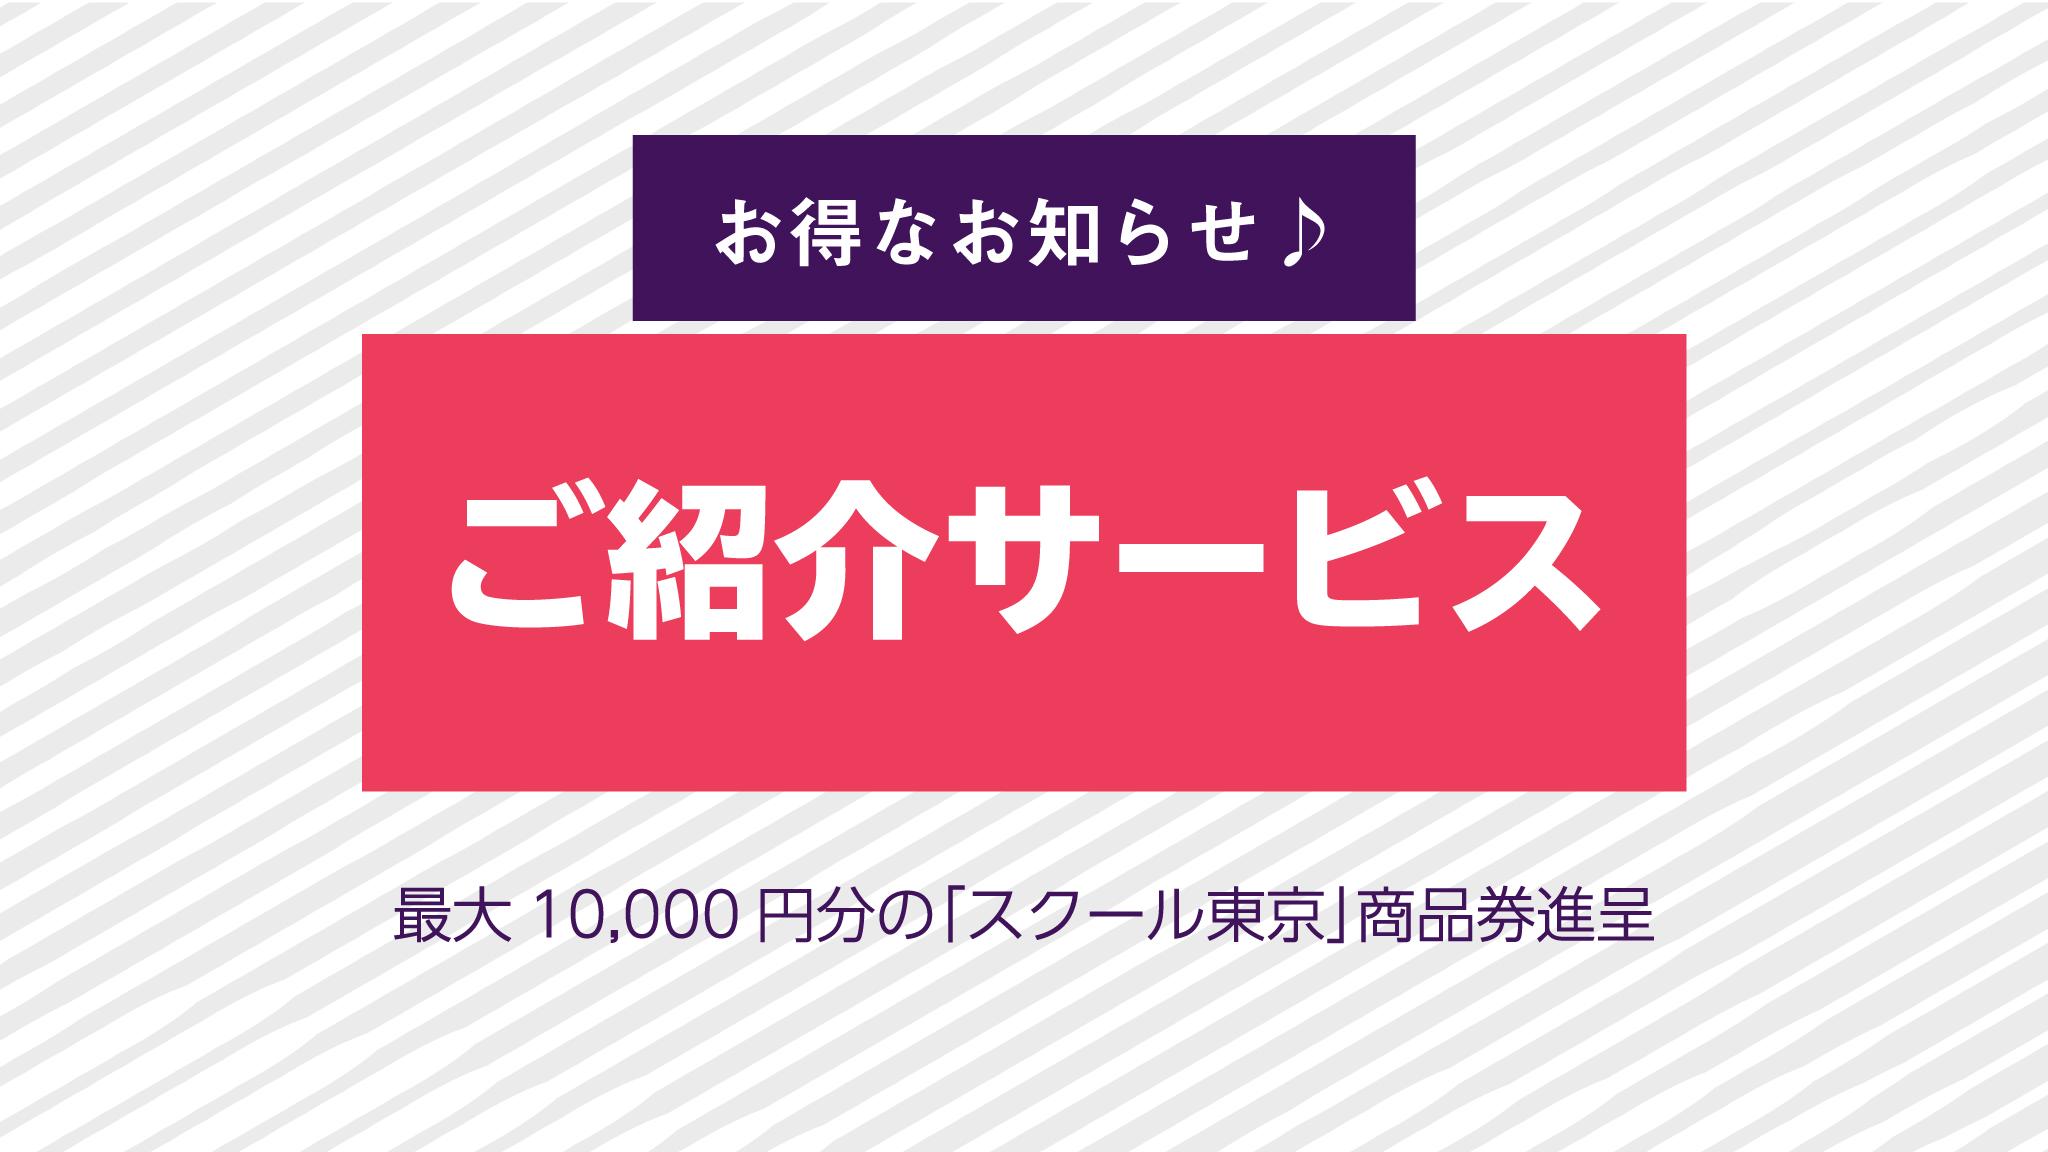 司法試験|予備試験|講座割引|ご紹介サービス|スクール東京